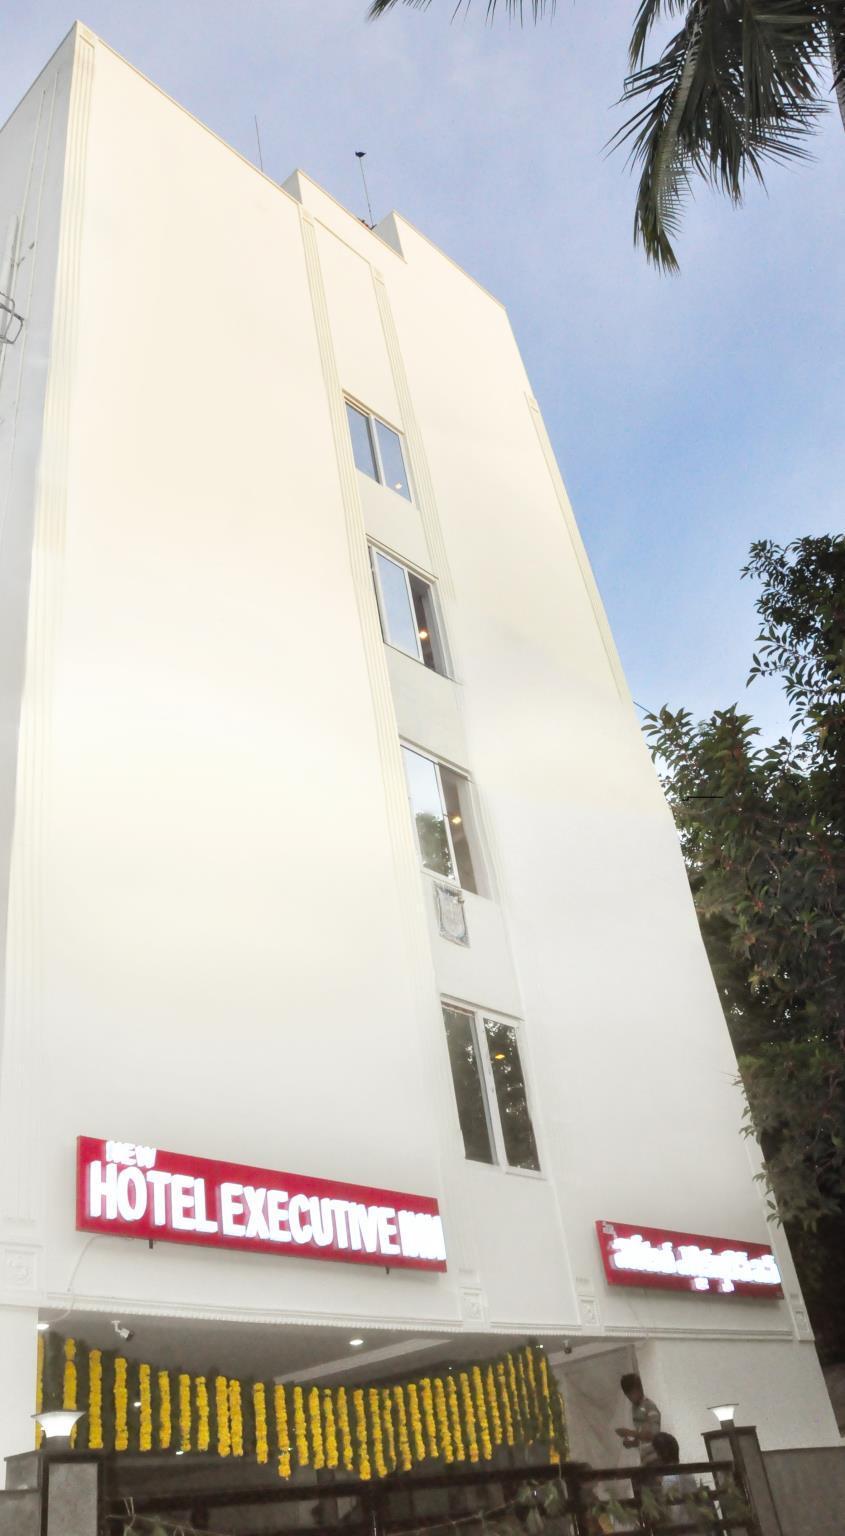 New Hotel Executive Inn